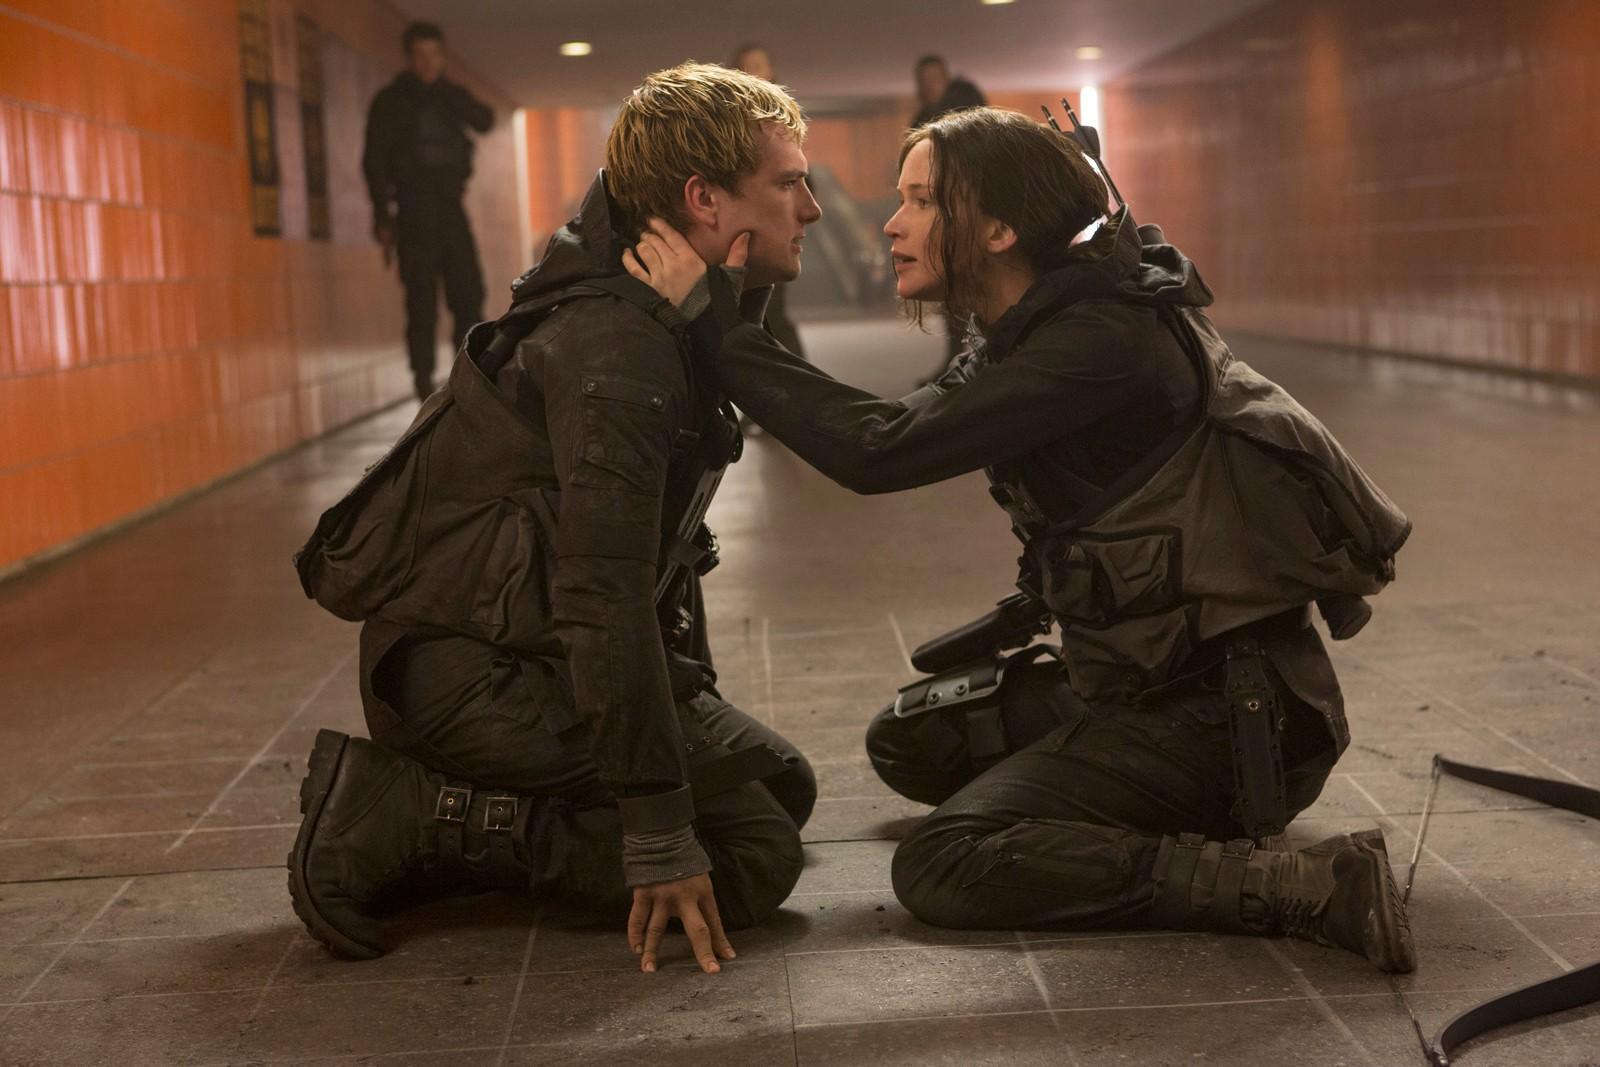 Katniss a des sentiments aussi bien pour Gale et Peeta